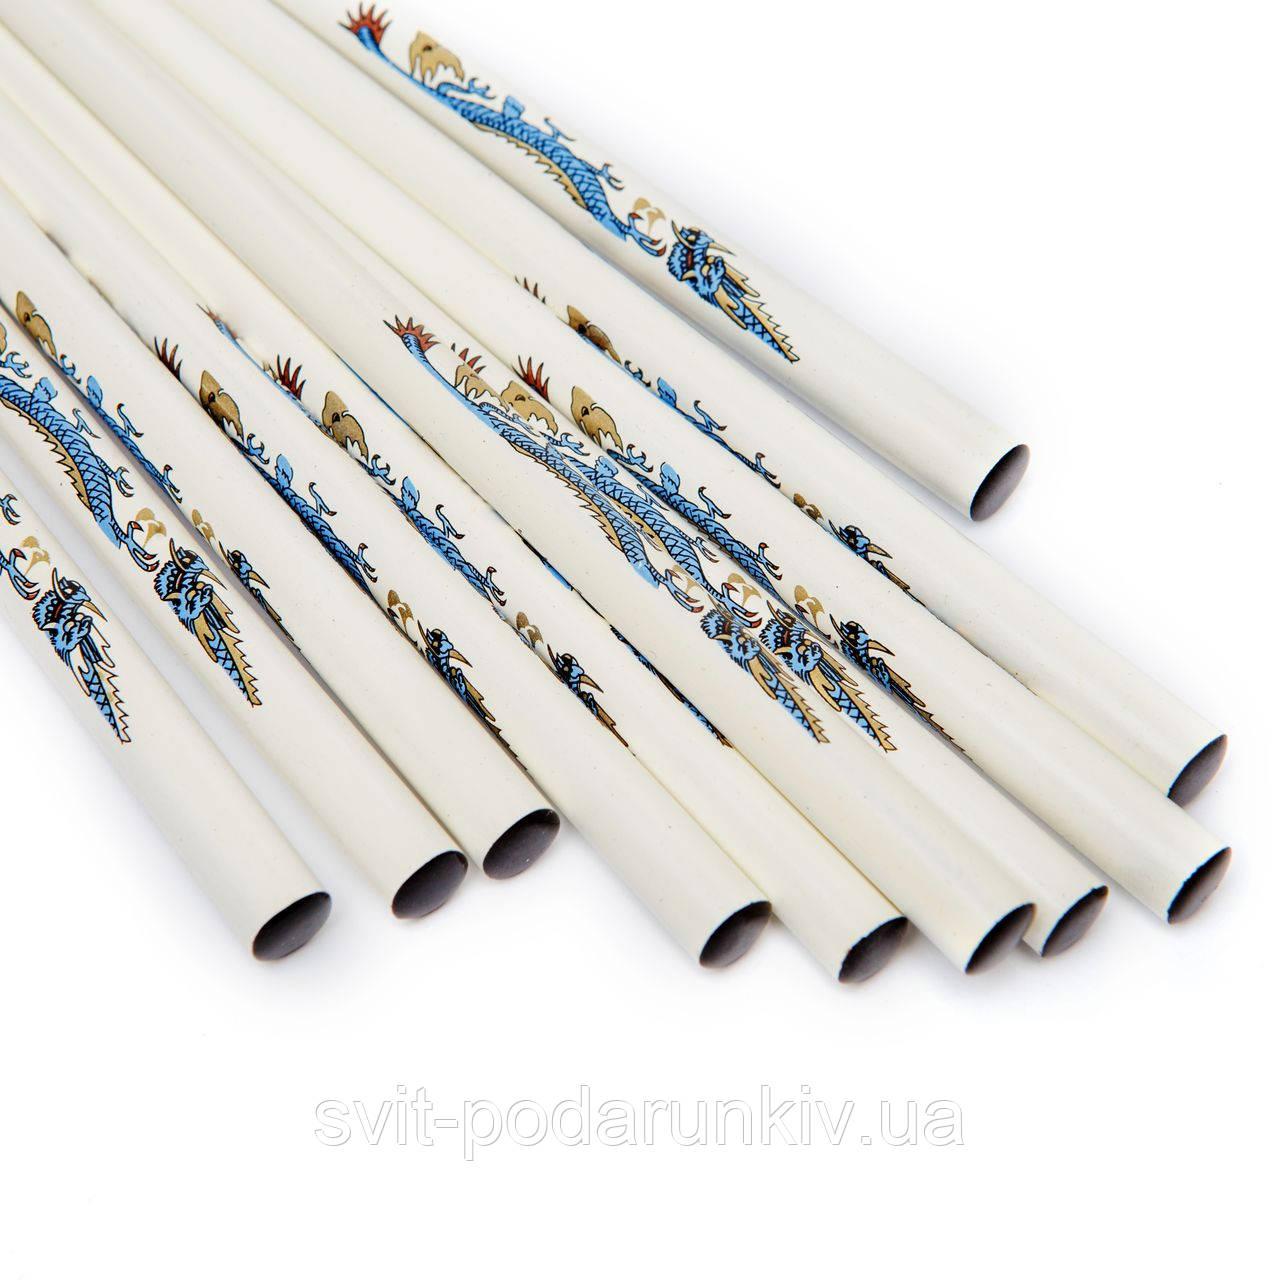 палочки для суши